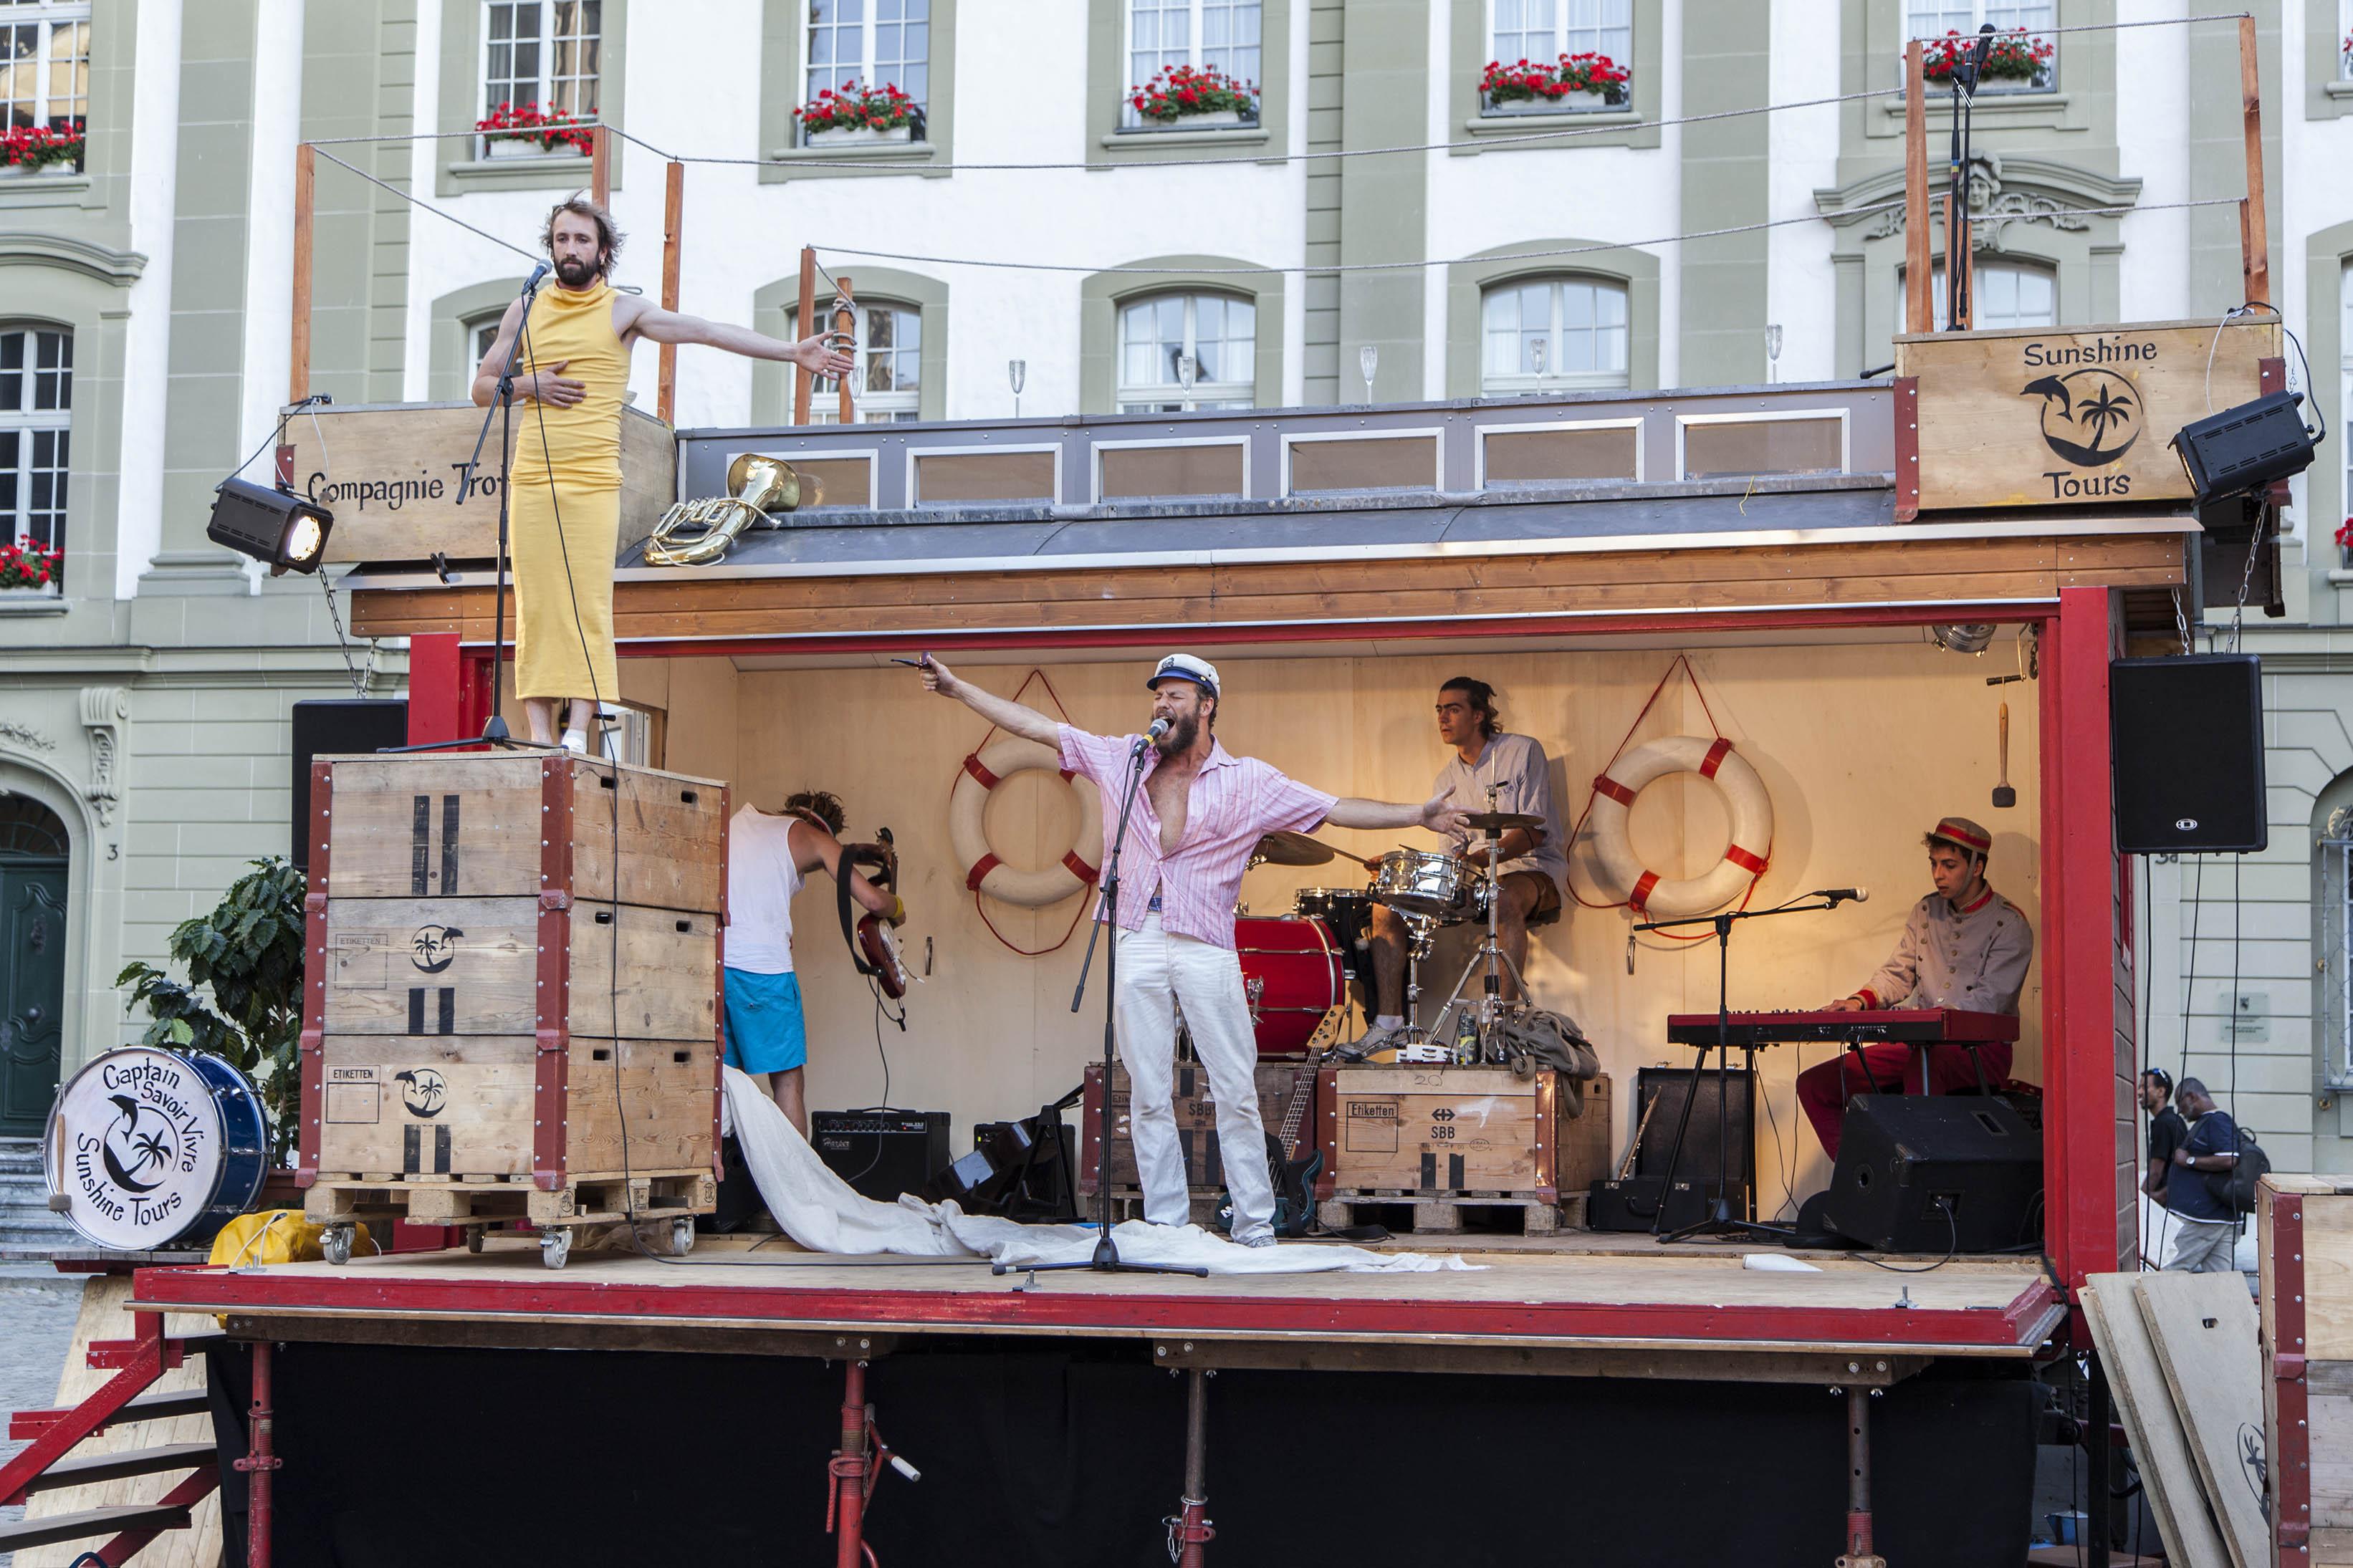 compagnie-trottvoir-2015-sofort-savoire-vivre_show_01